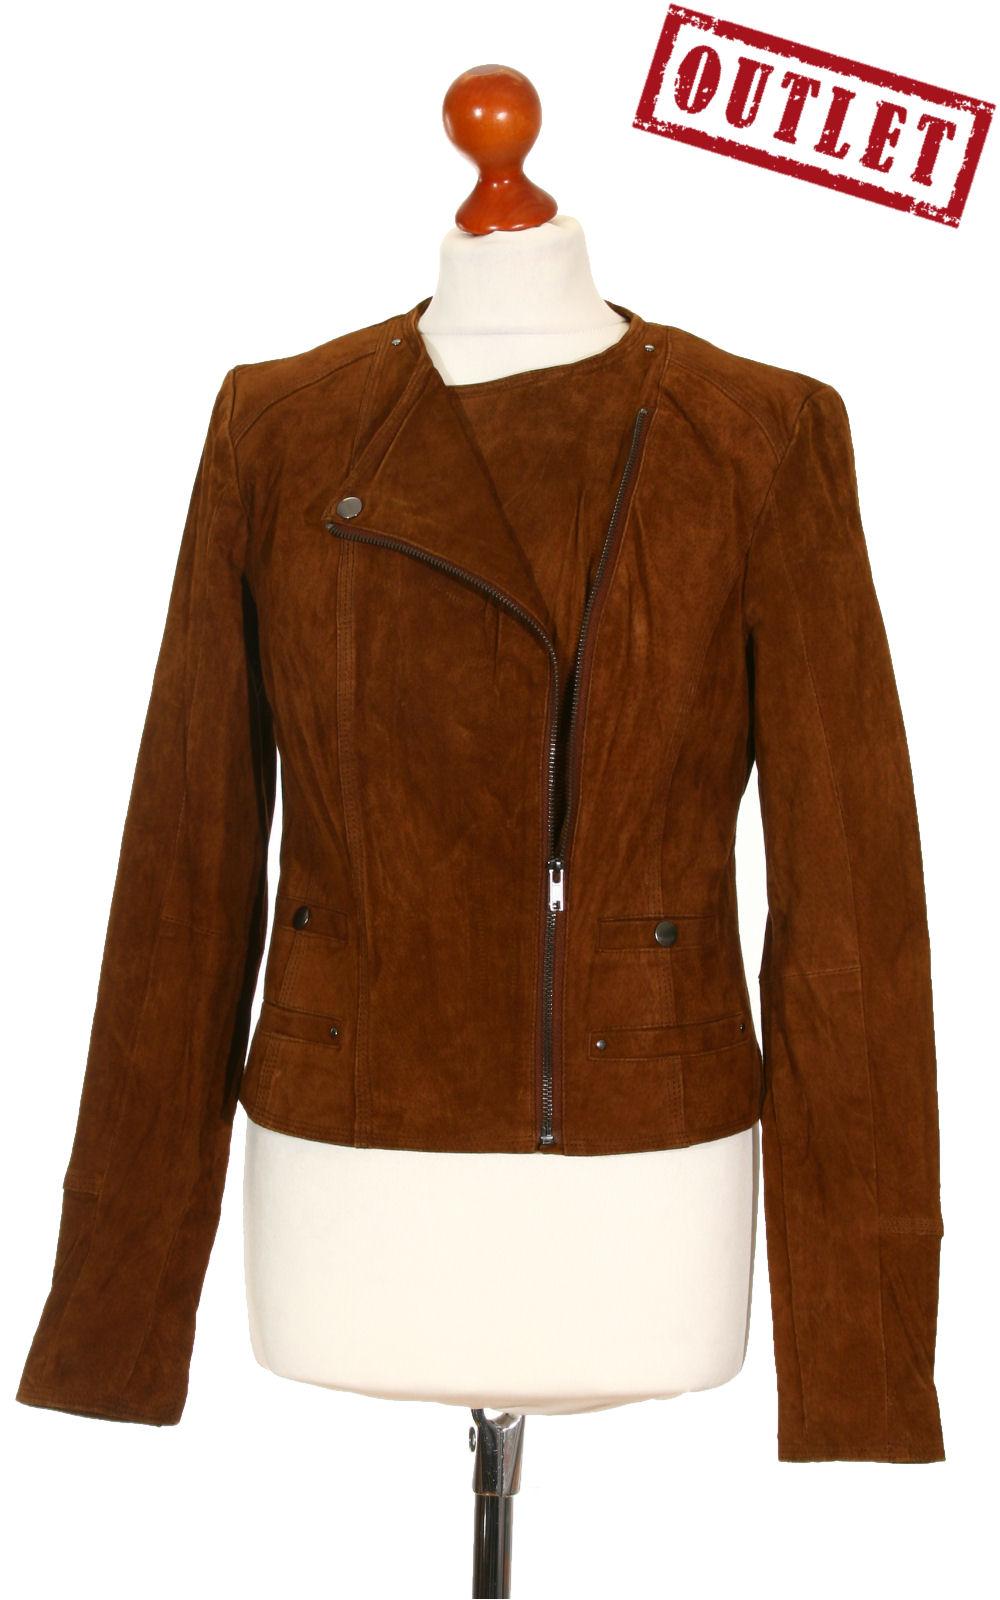 7eef2b4339 Outlet ruha   Női Kabát átmeneti, Vero moda, Méret: S, Outlet   http ...